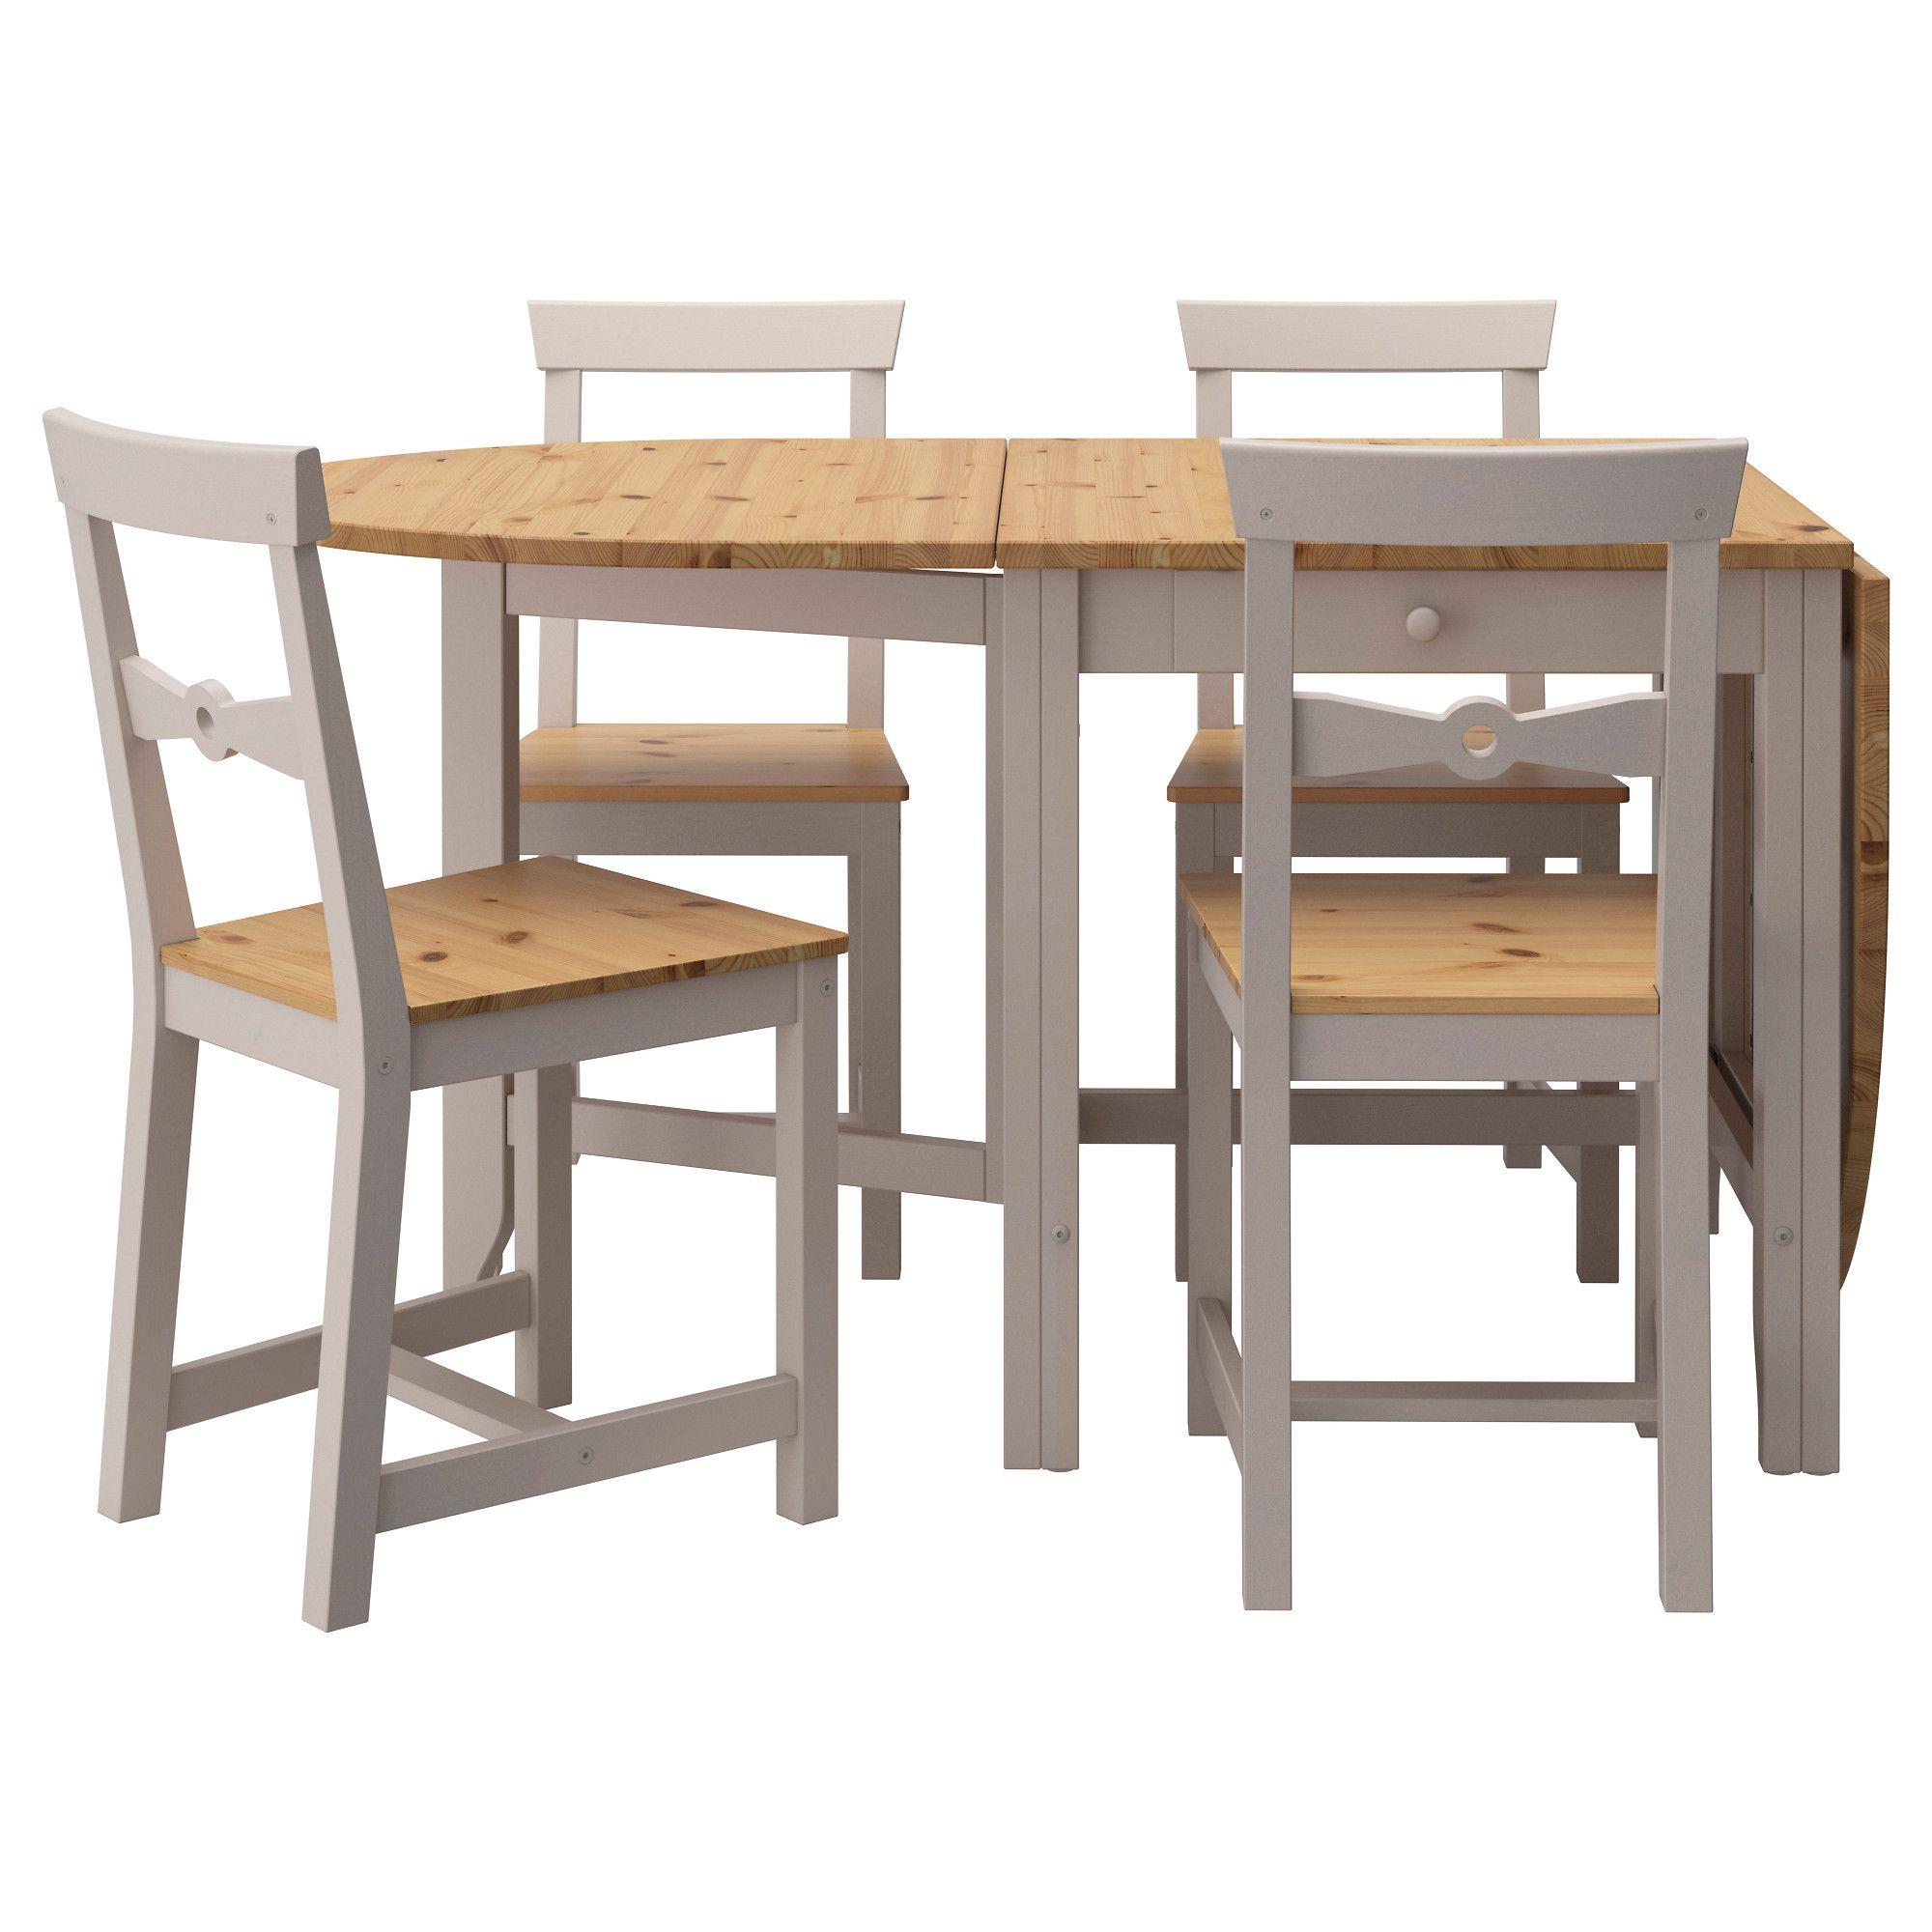 Table teinté clair chaises 4 l'ancienne et à IKEA GAMLEBY VSUqzMpG